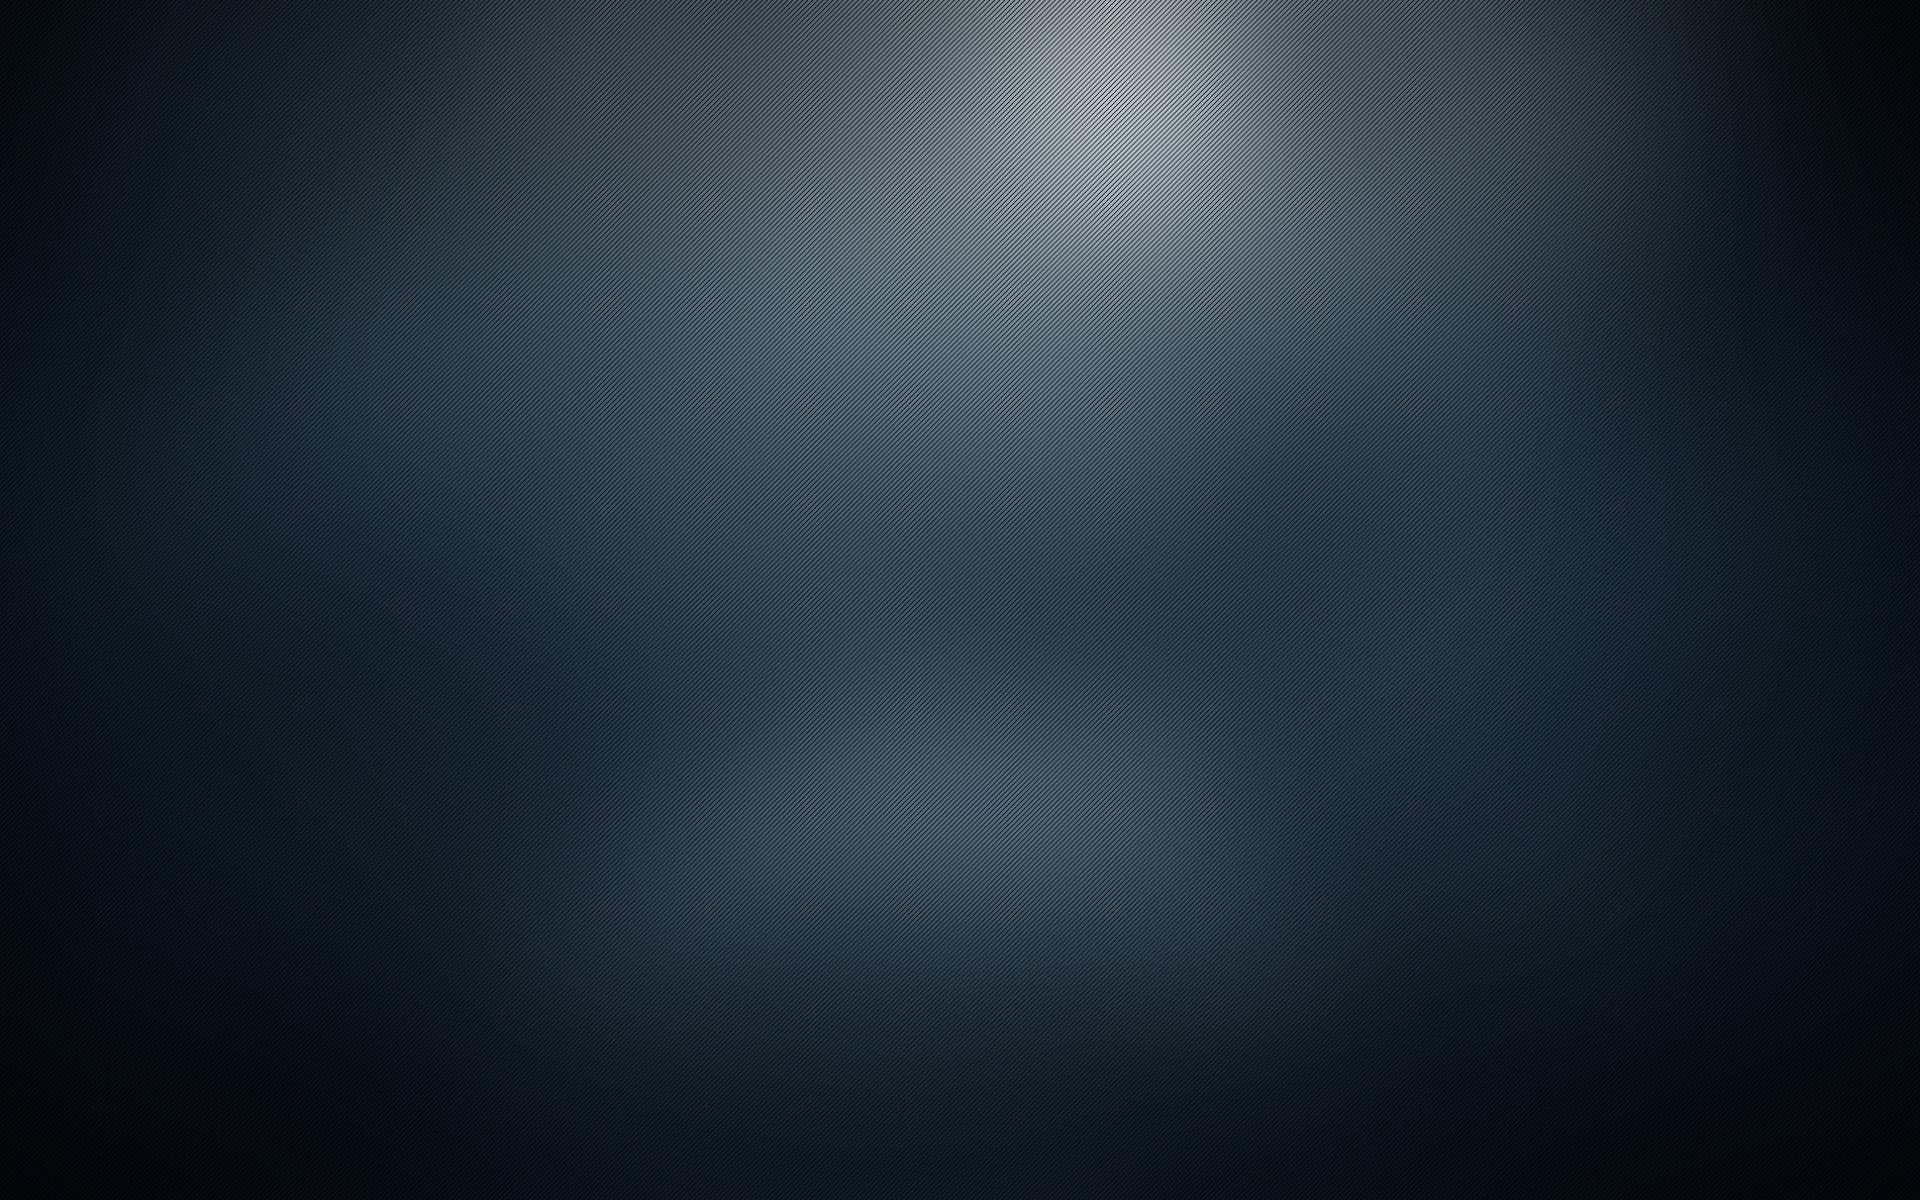 сложный комплекс затемнение фона на фото окне открытого